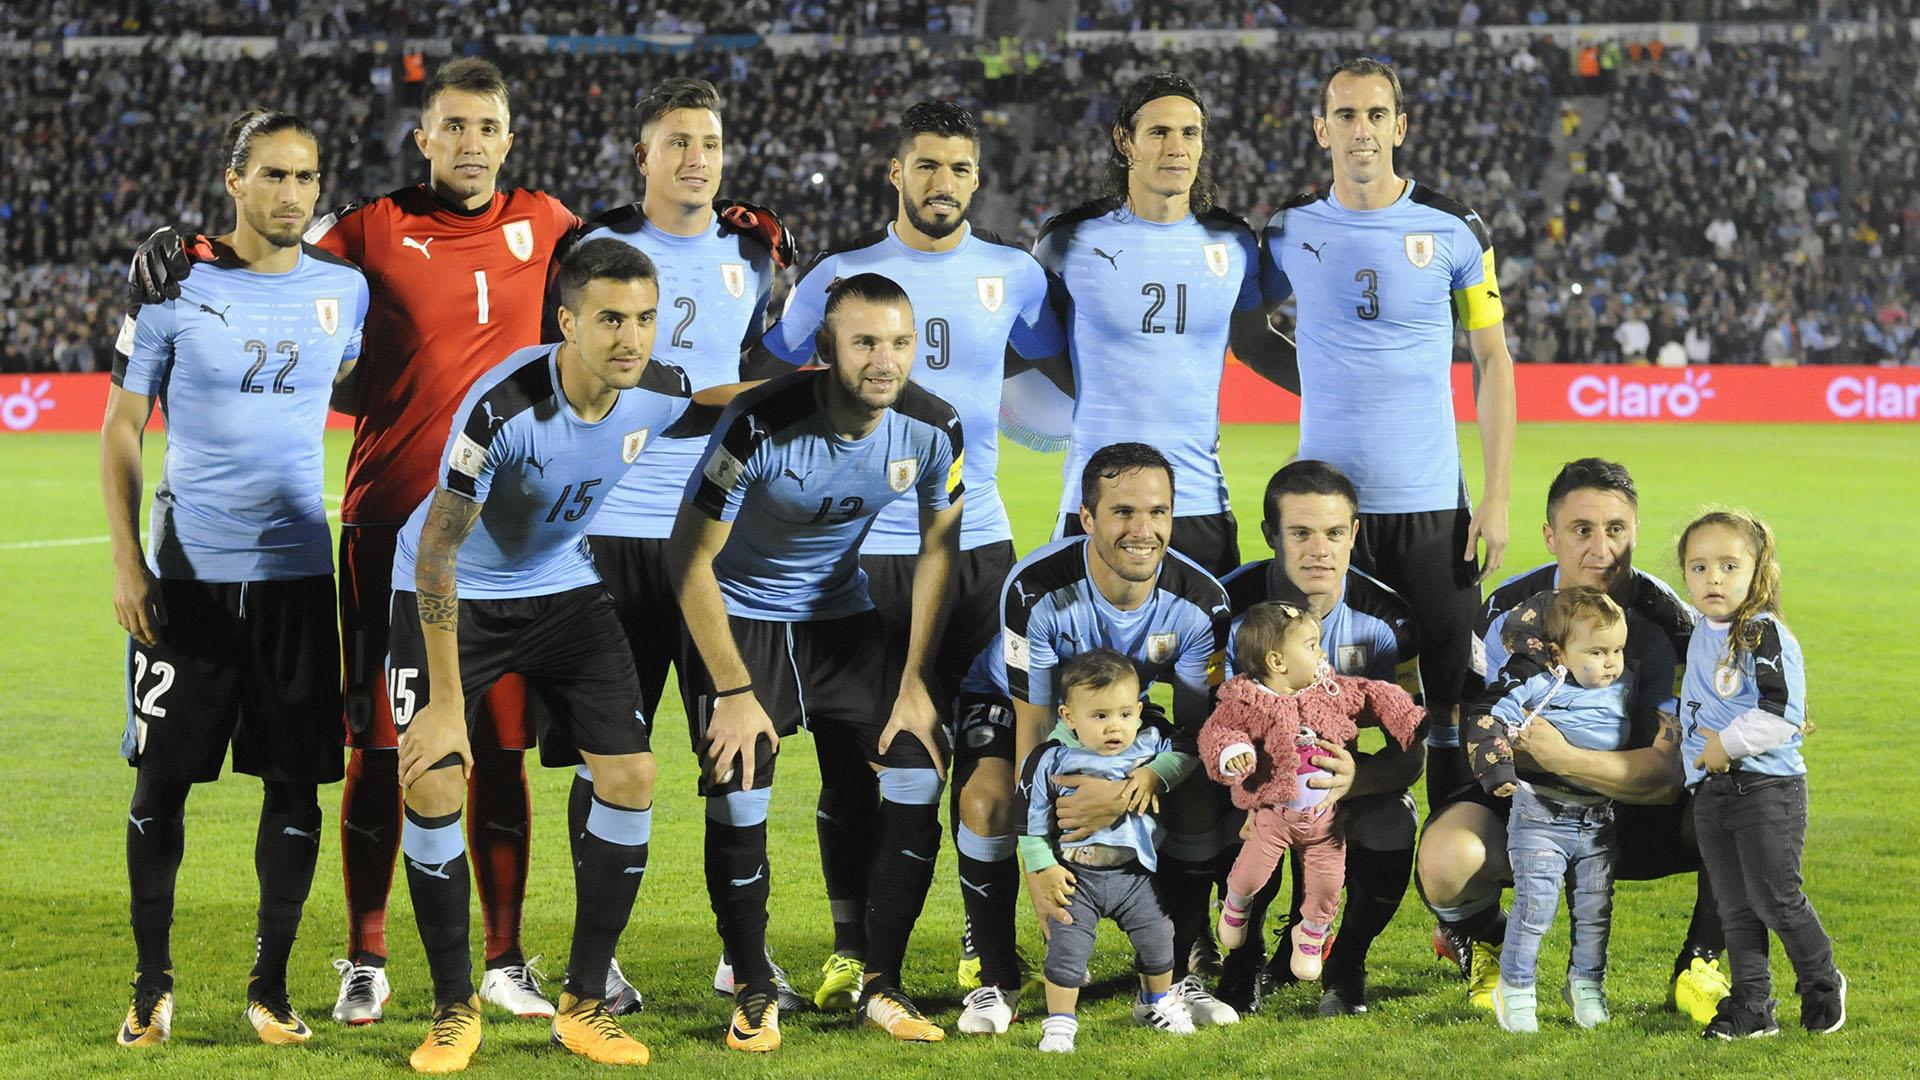 Con un promedio de edad de 27 años, el valor de Uruguay es de 243,66 millones de dólares